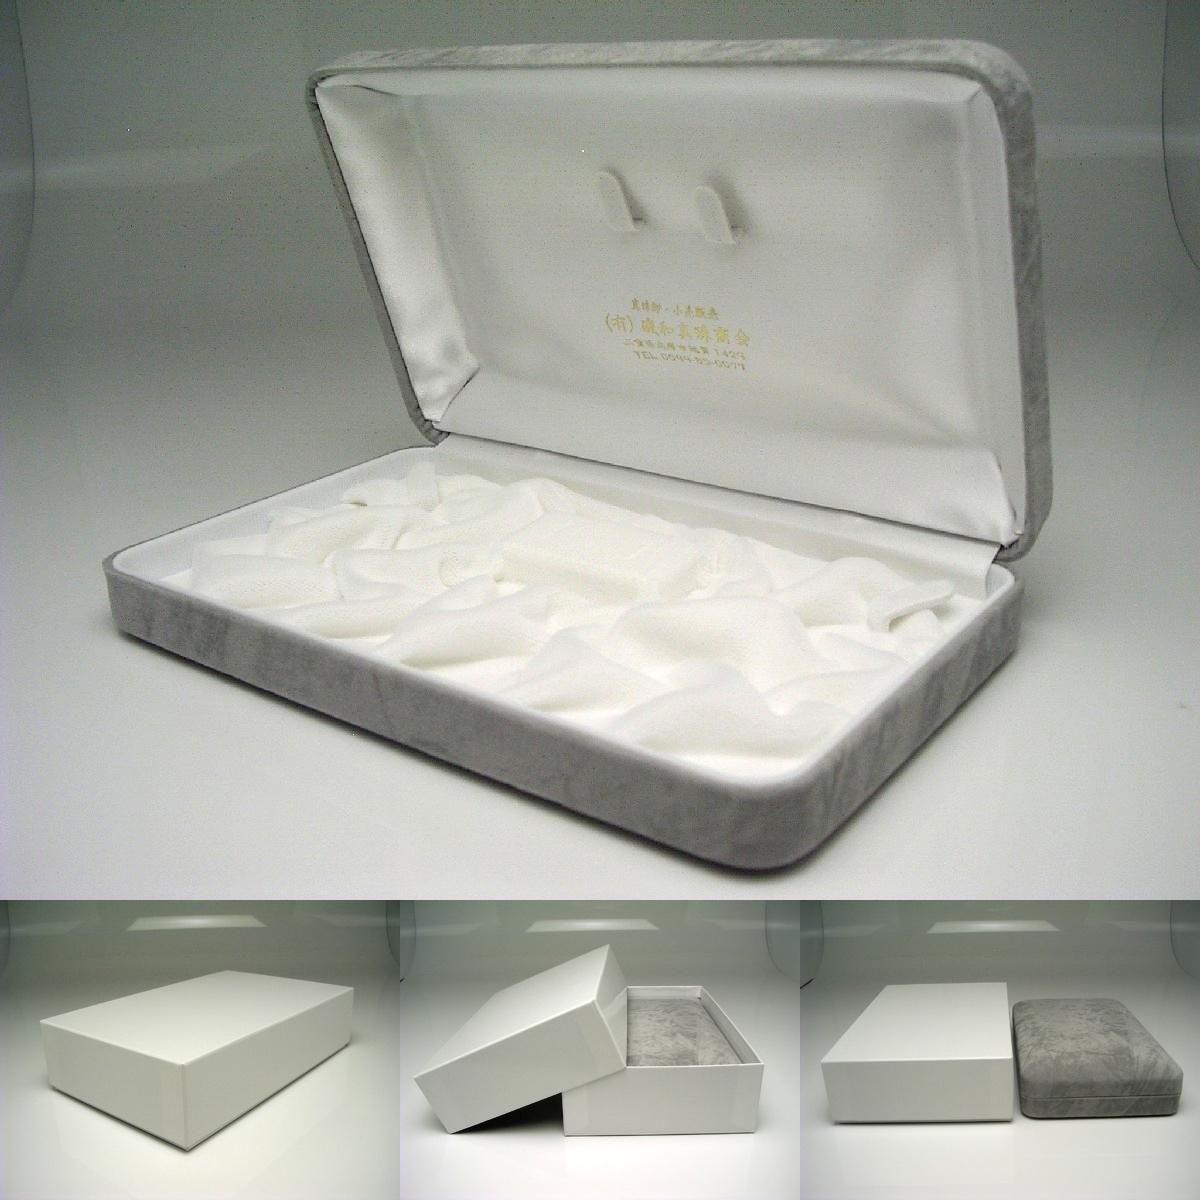 真珠 ネックレス パール アコヤ真珠 ピアス セット 7.5-8.0mm ホワイトピンク シルバー クラスップ 47349 イソワパール